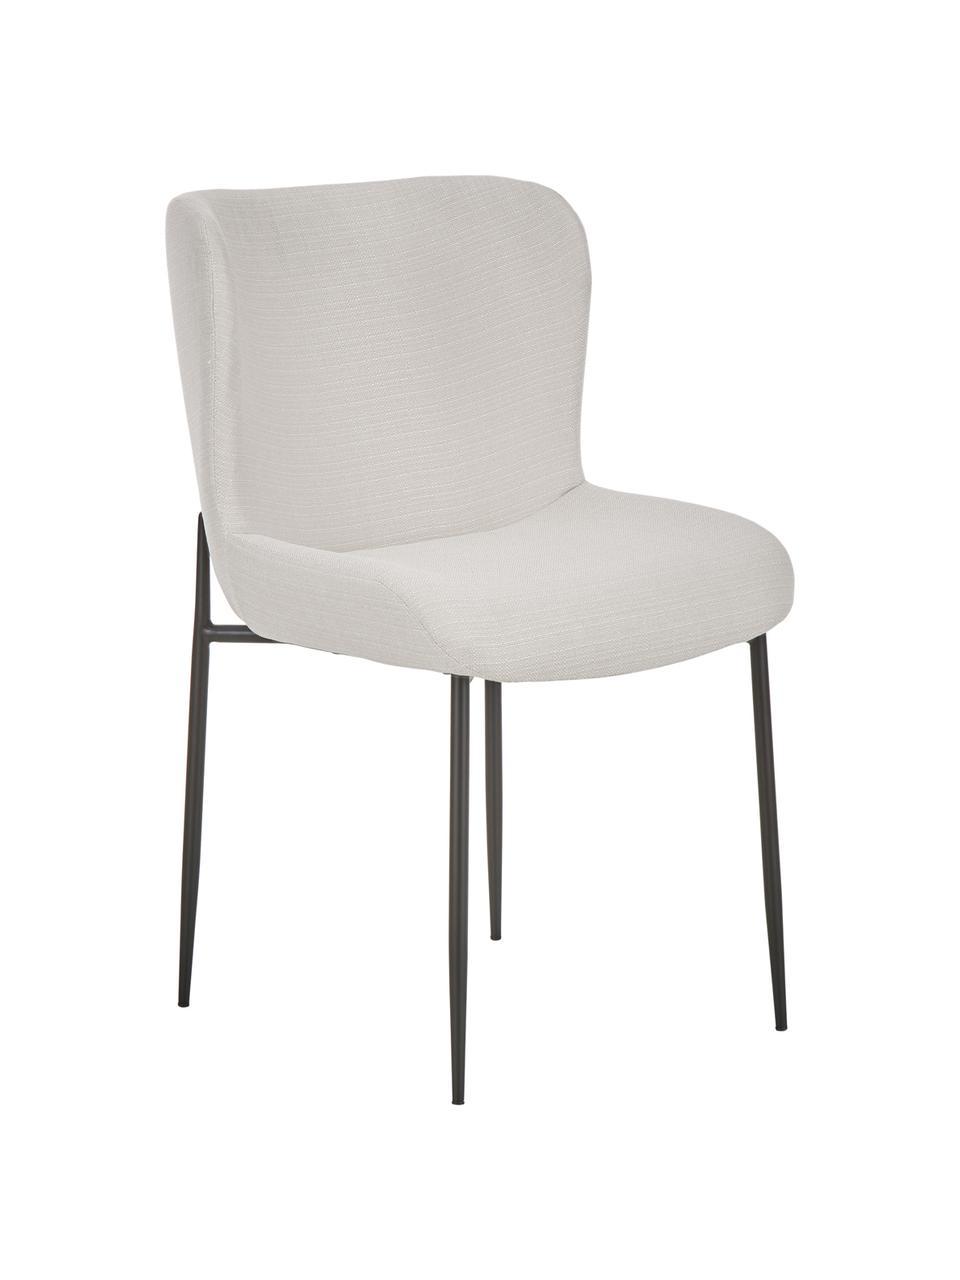 Chaise rembourrée design Tess, Tissu blanc crème, pieds noirs